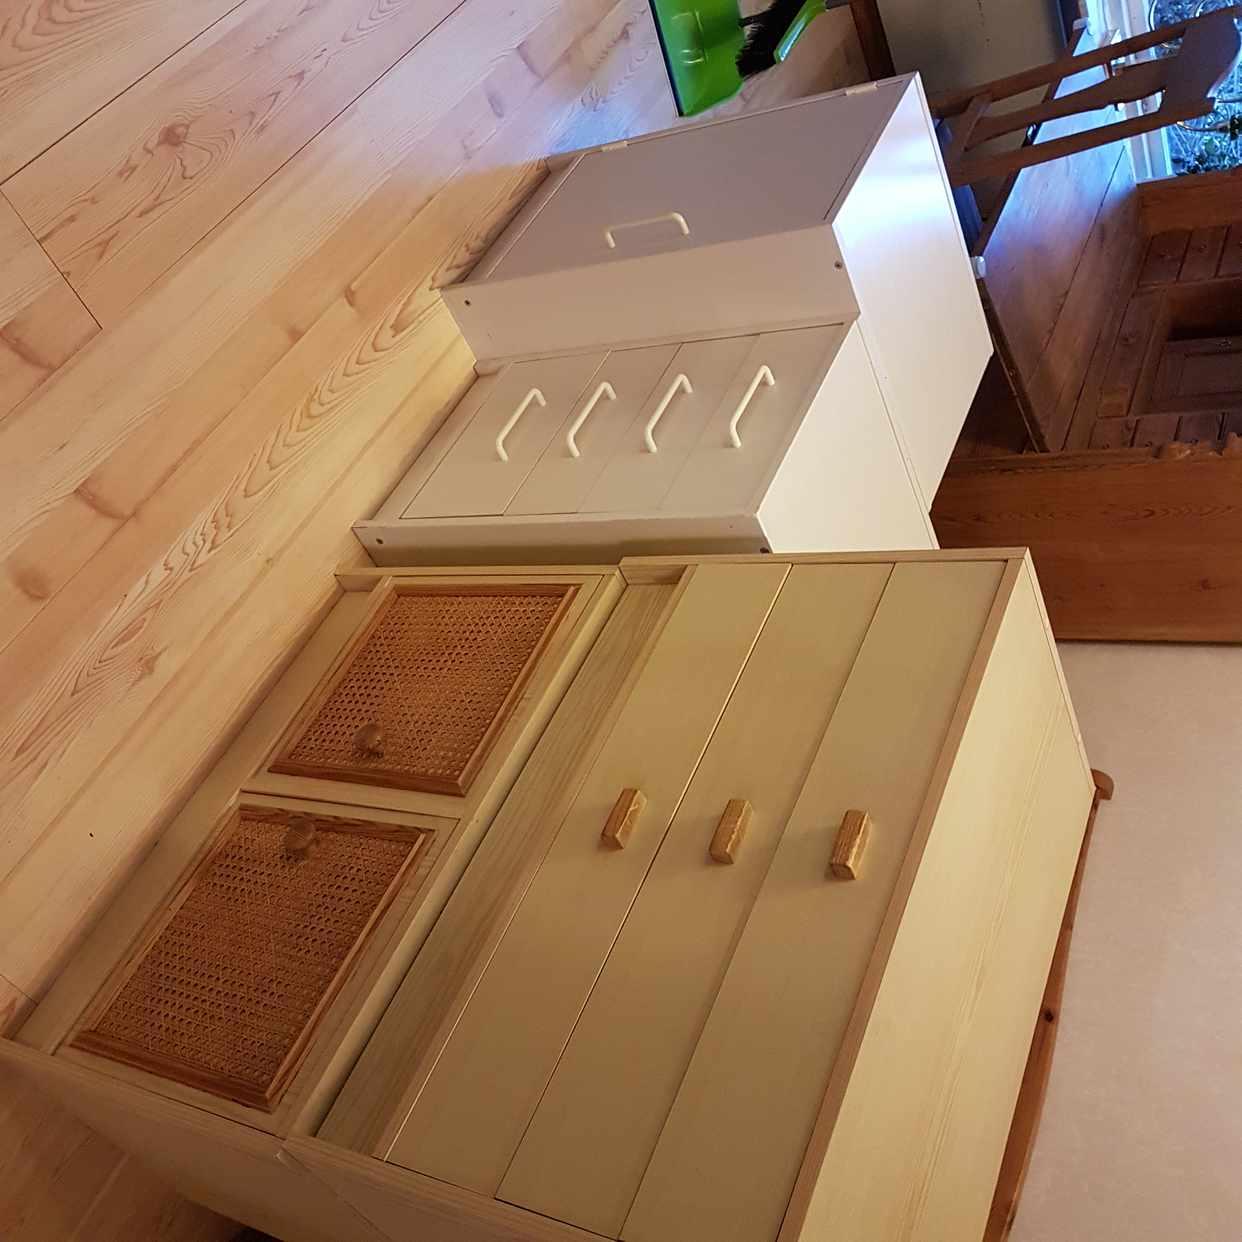 image of 4 små möbler 5 sopsäckar - Sollentuna